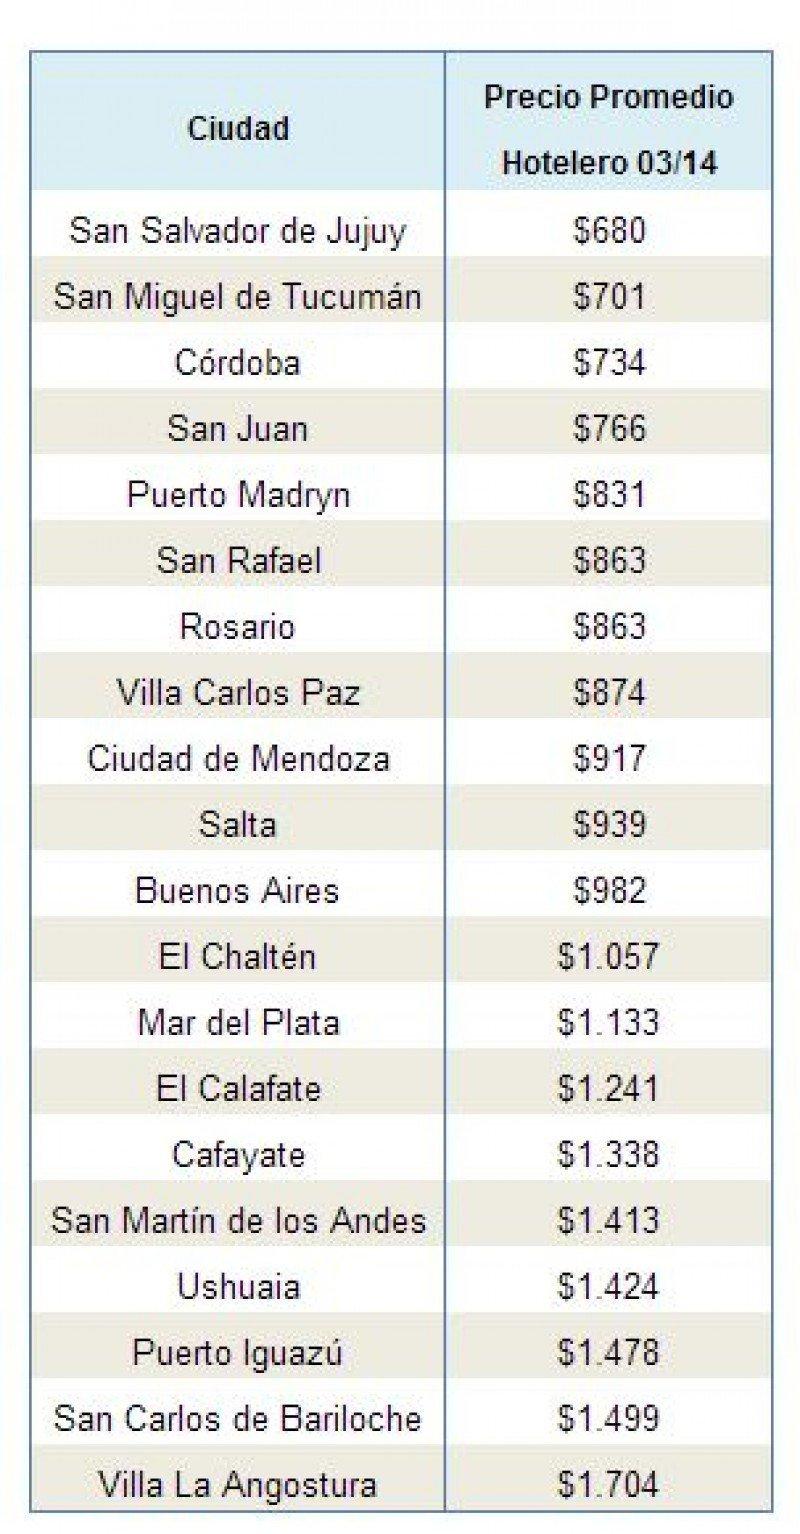 Promedios de alojamiento por ciudades, expresado en pesos argentinos. (Fuente: Trivago).